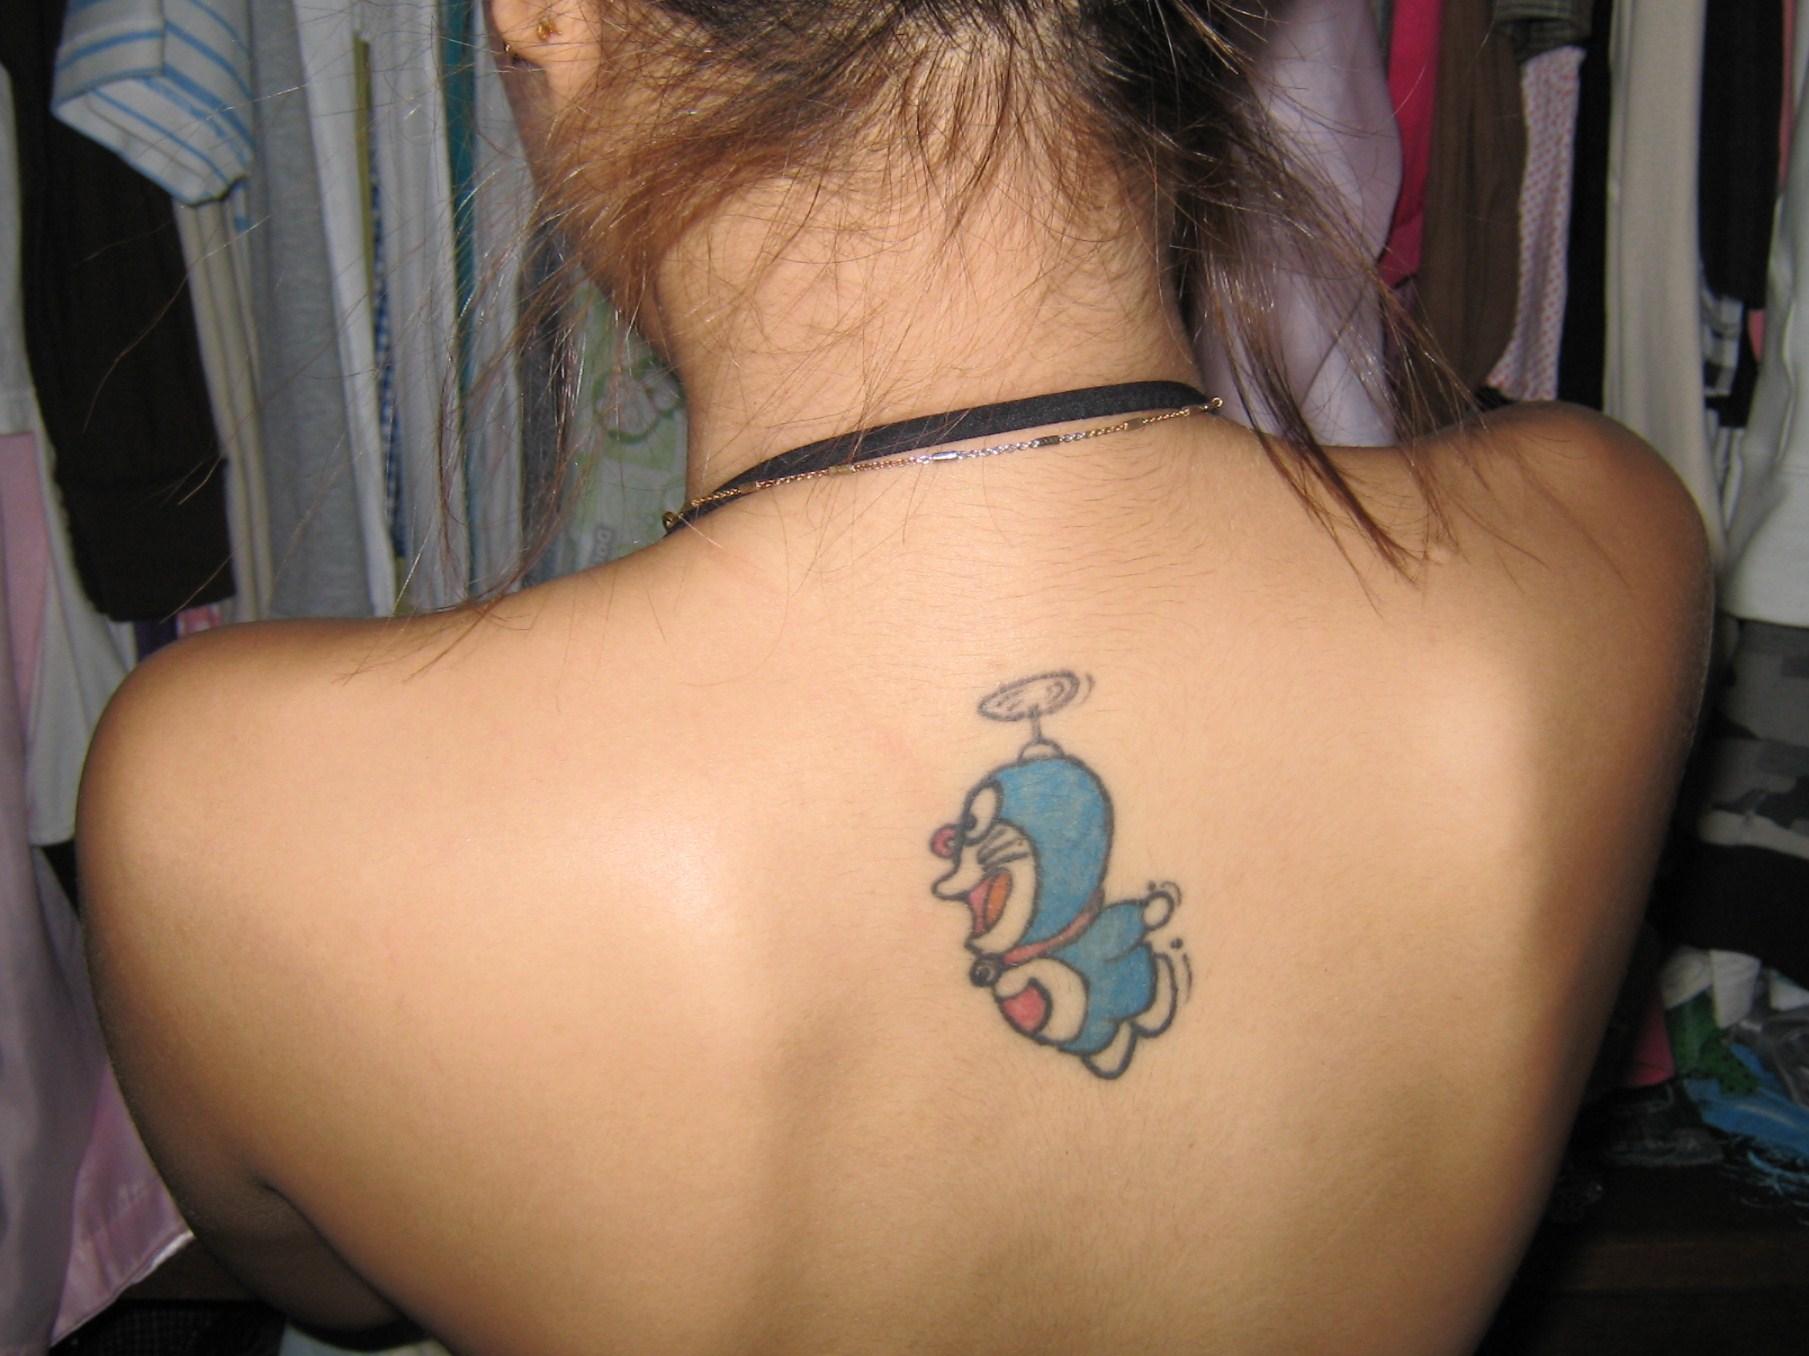 刺青のあるキャバ嬢